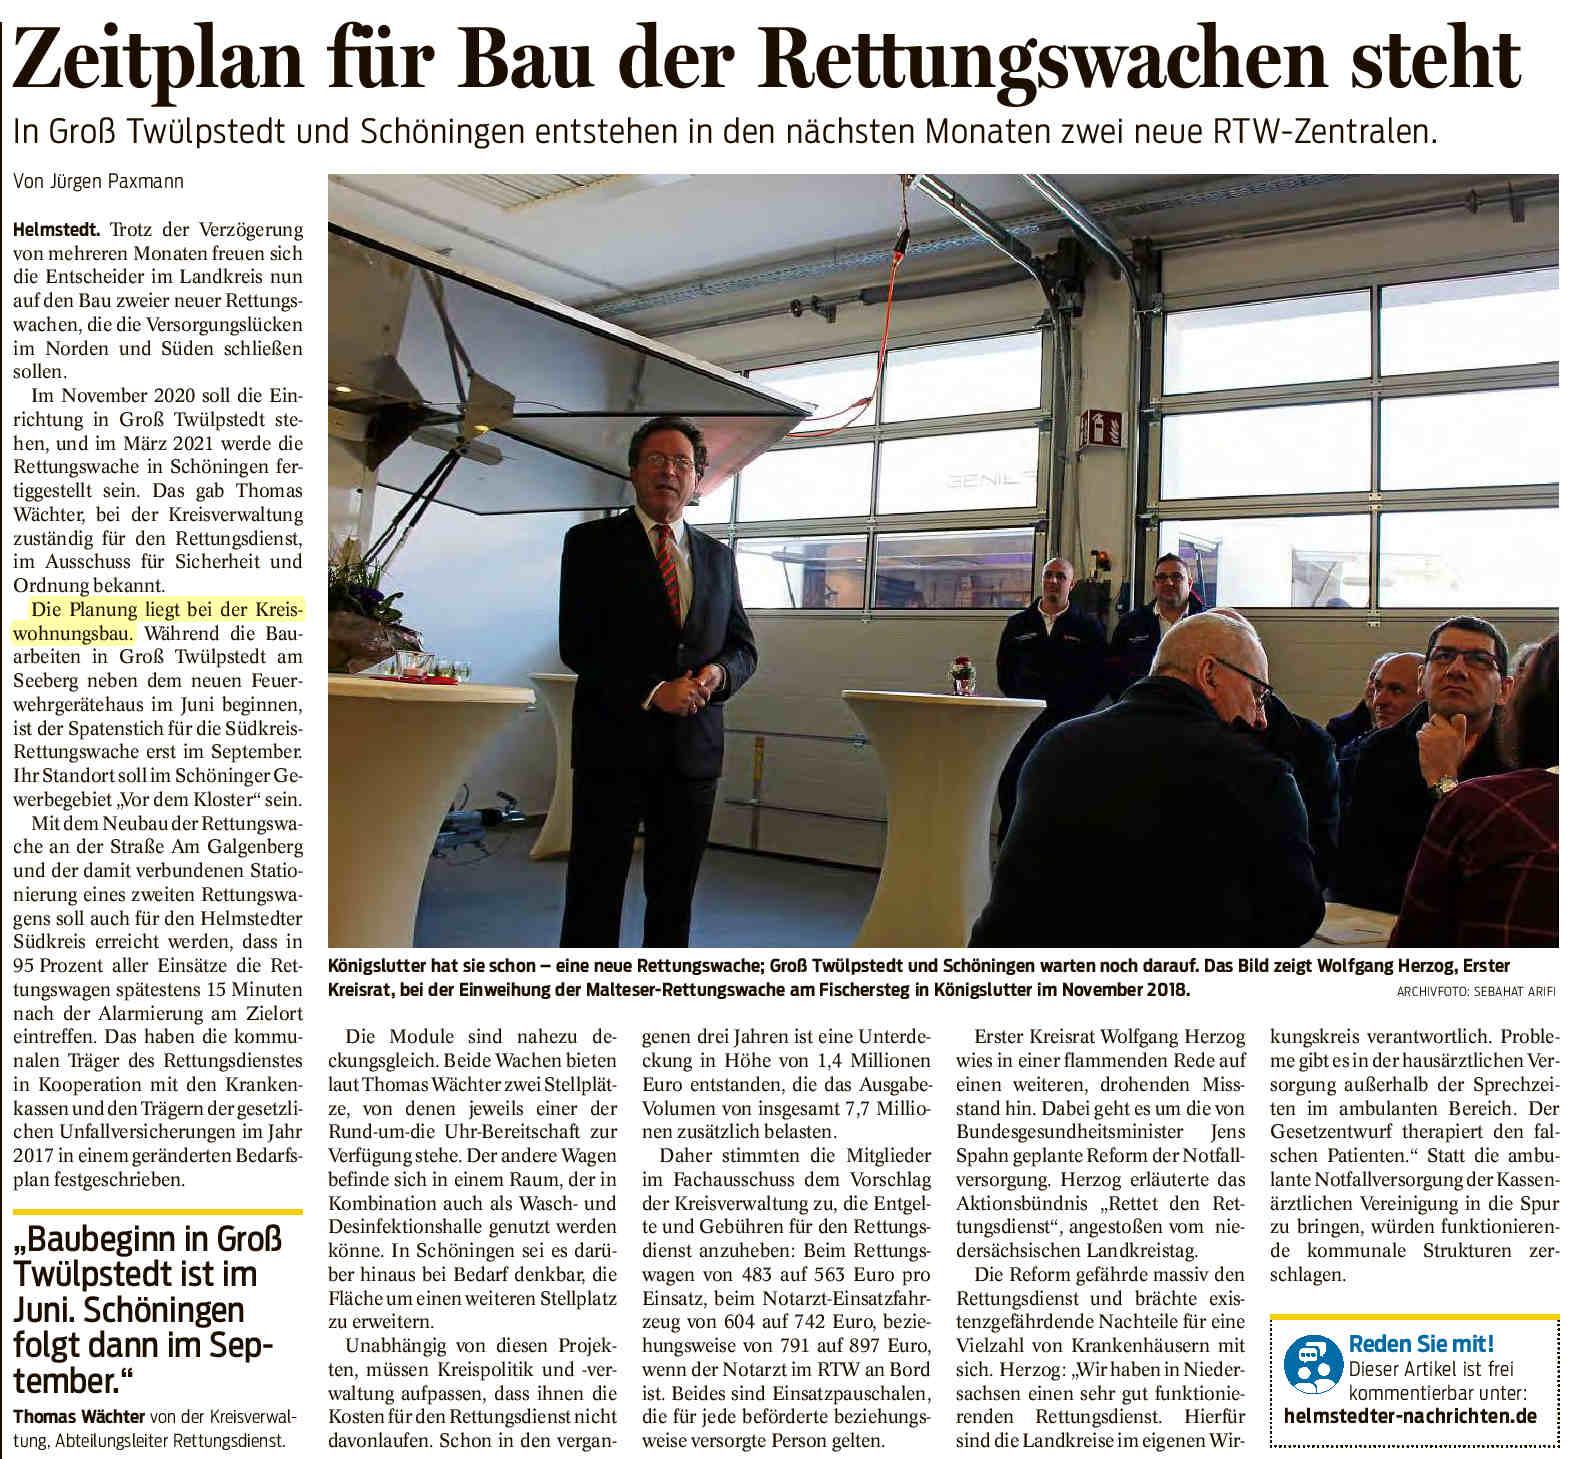 https://www.kwg-helmstedt.de/media/Rettungswachen_04-03-2020.jpg